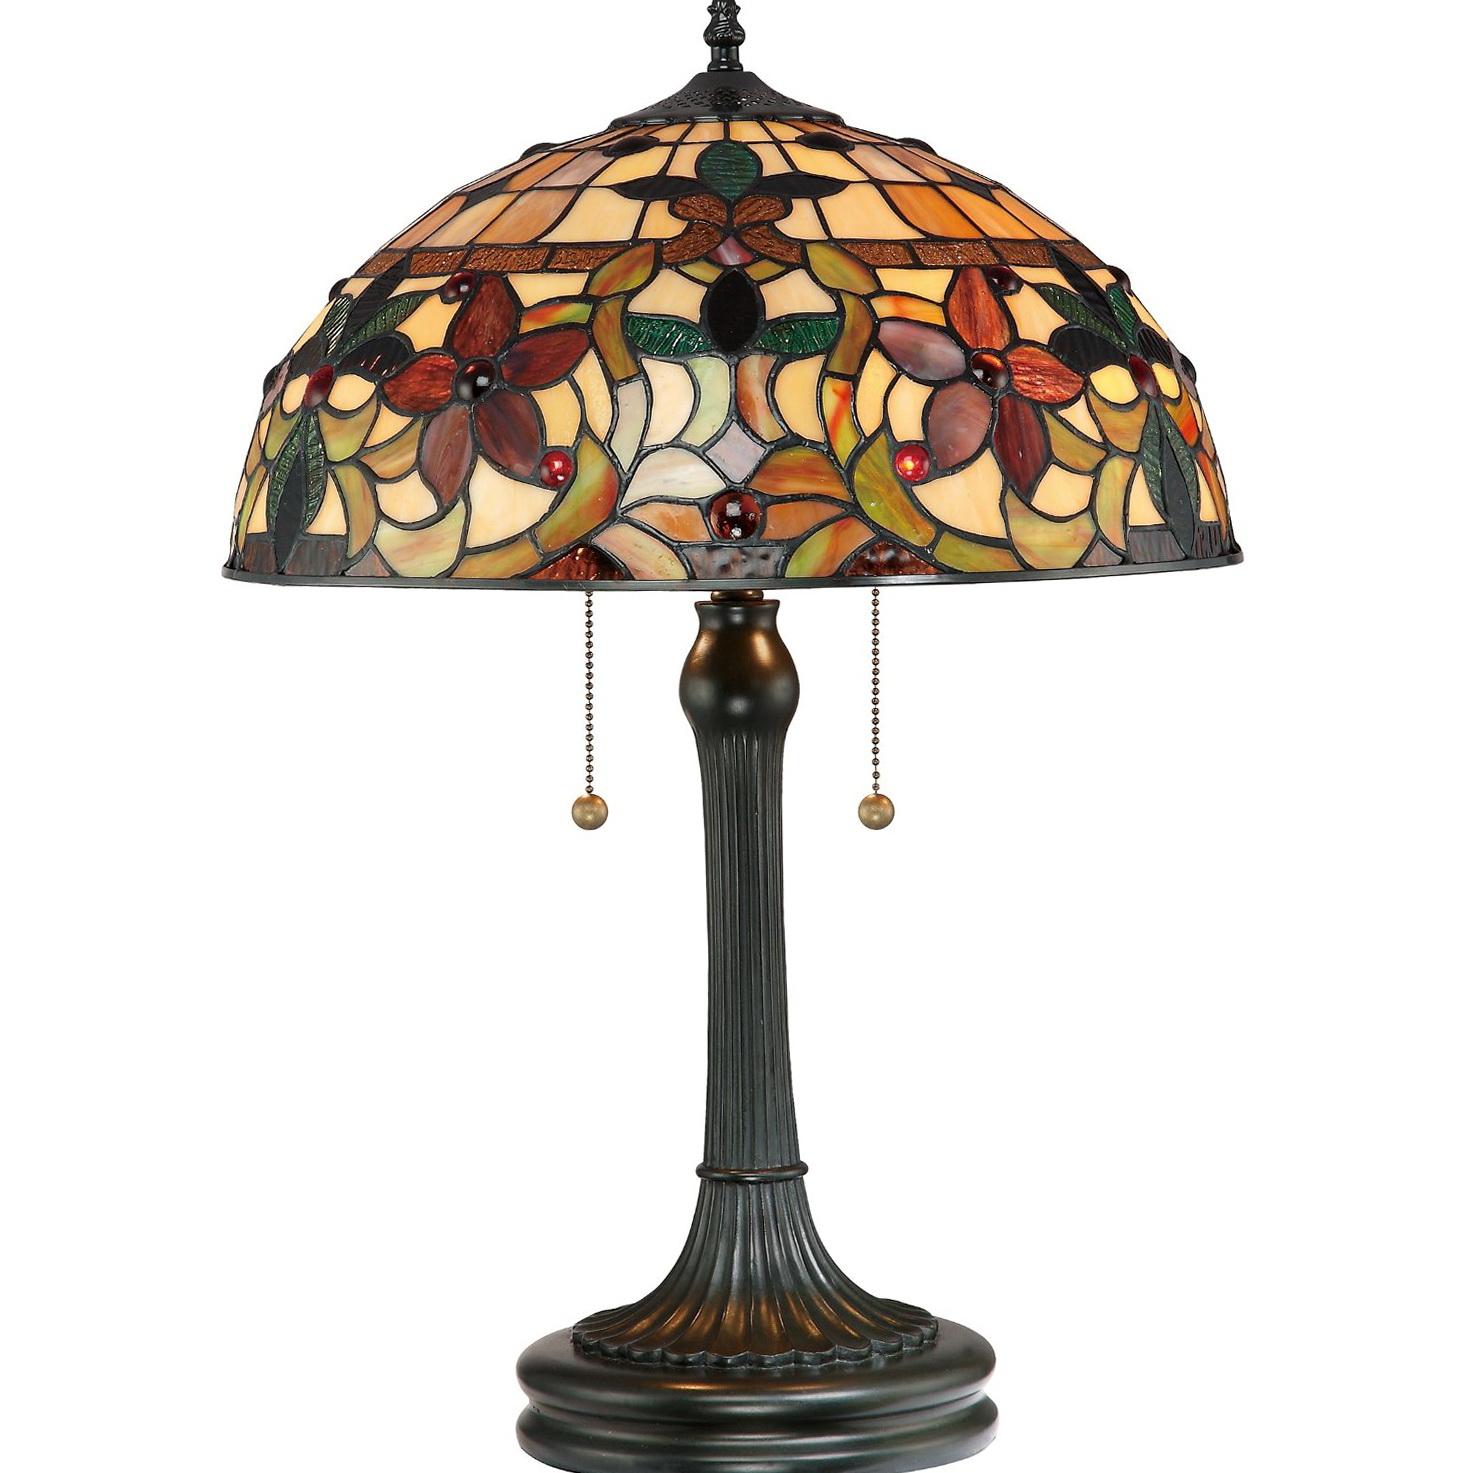 Antique Chandelier Table Lamp Home Design Ideas